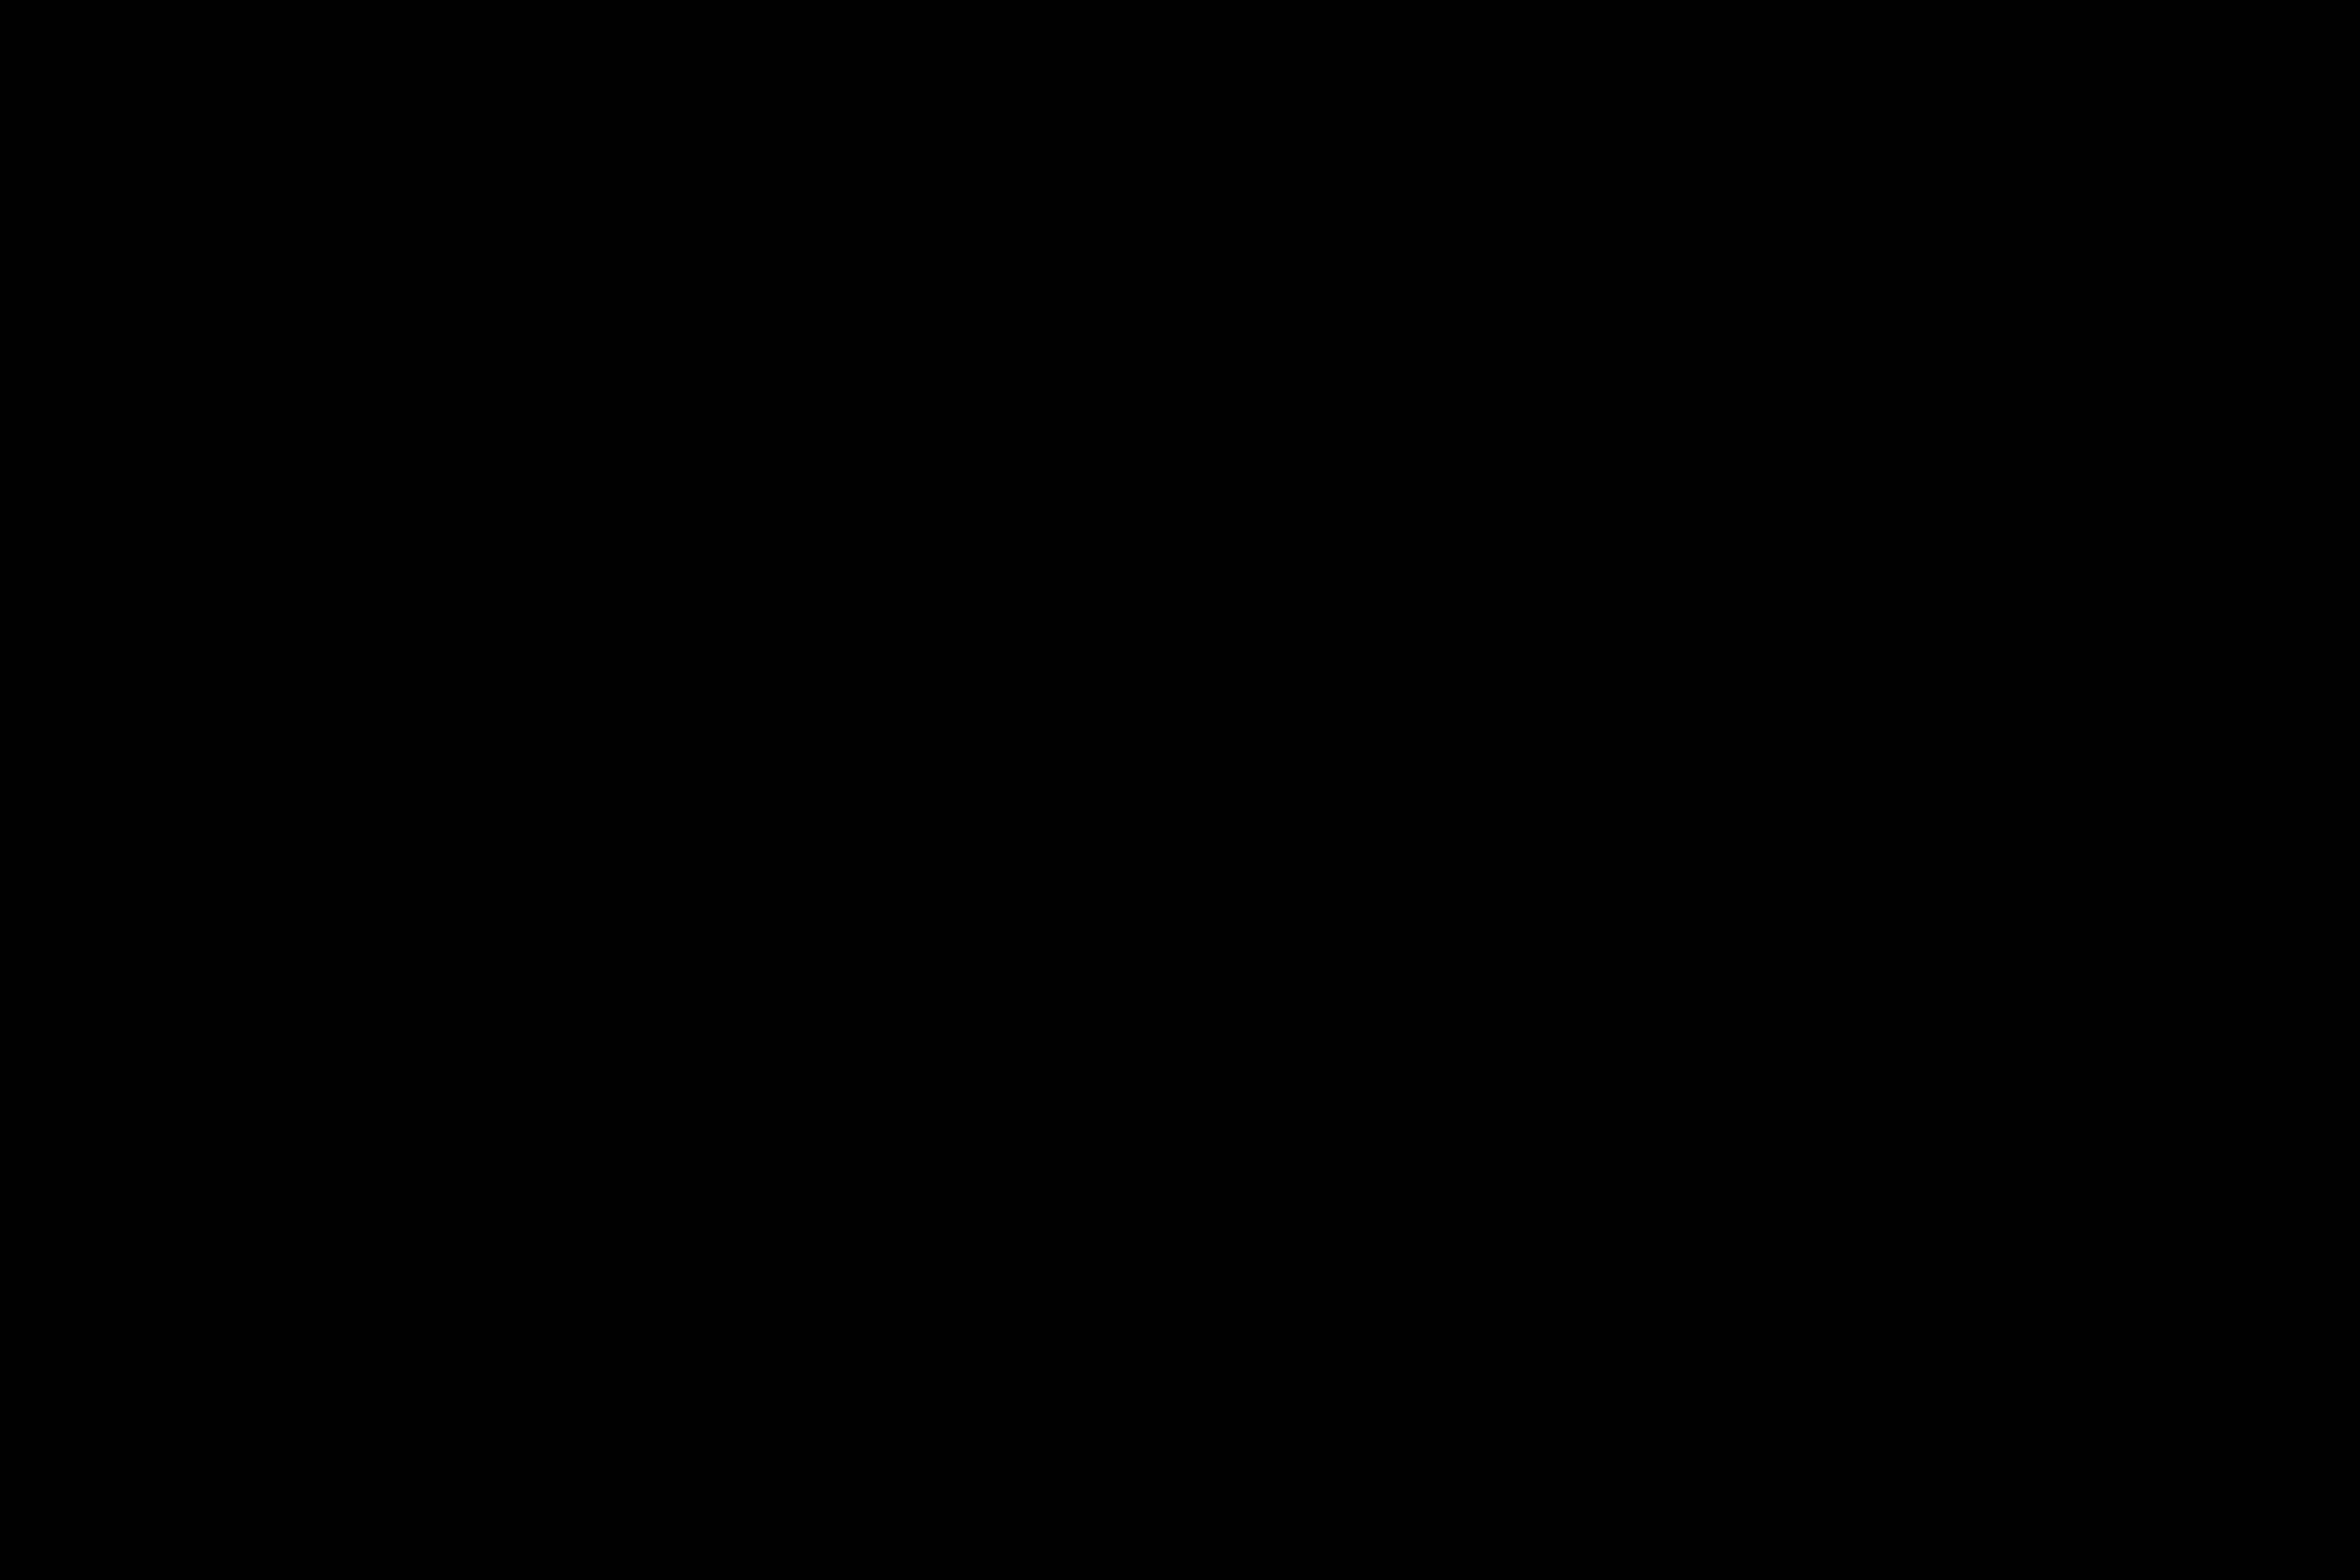 GALLETAS DE AVENA Y CHOCOCHIPS